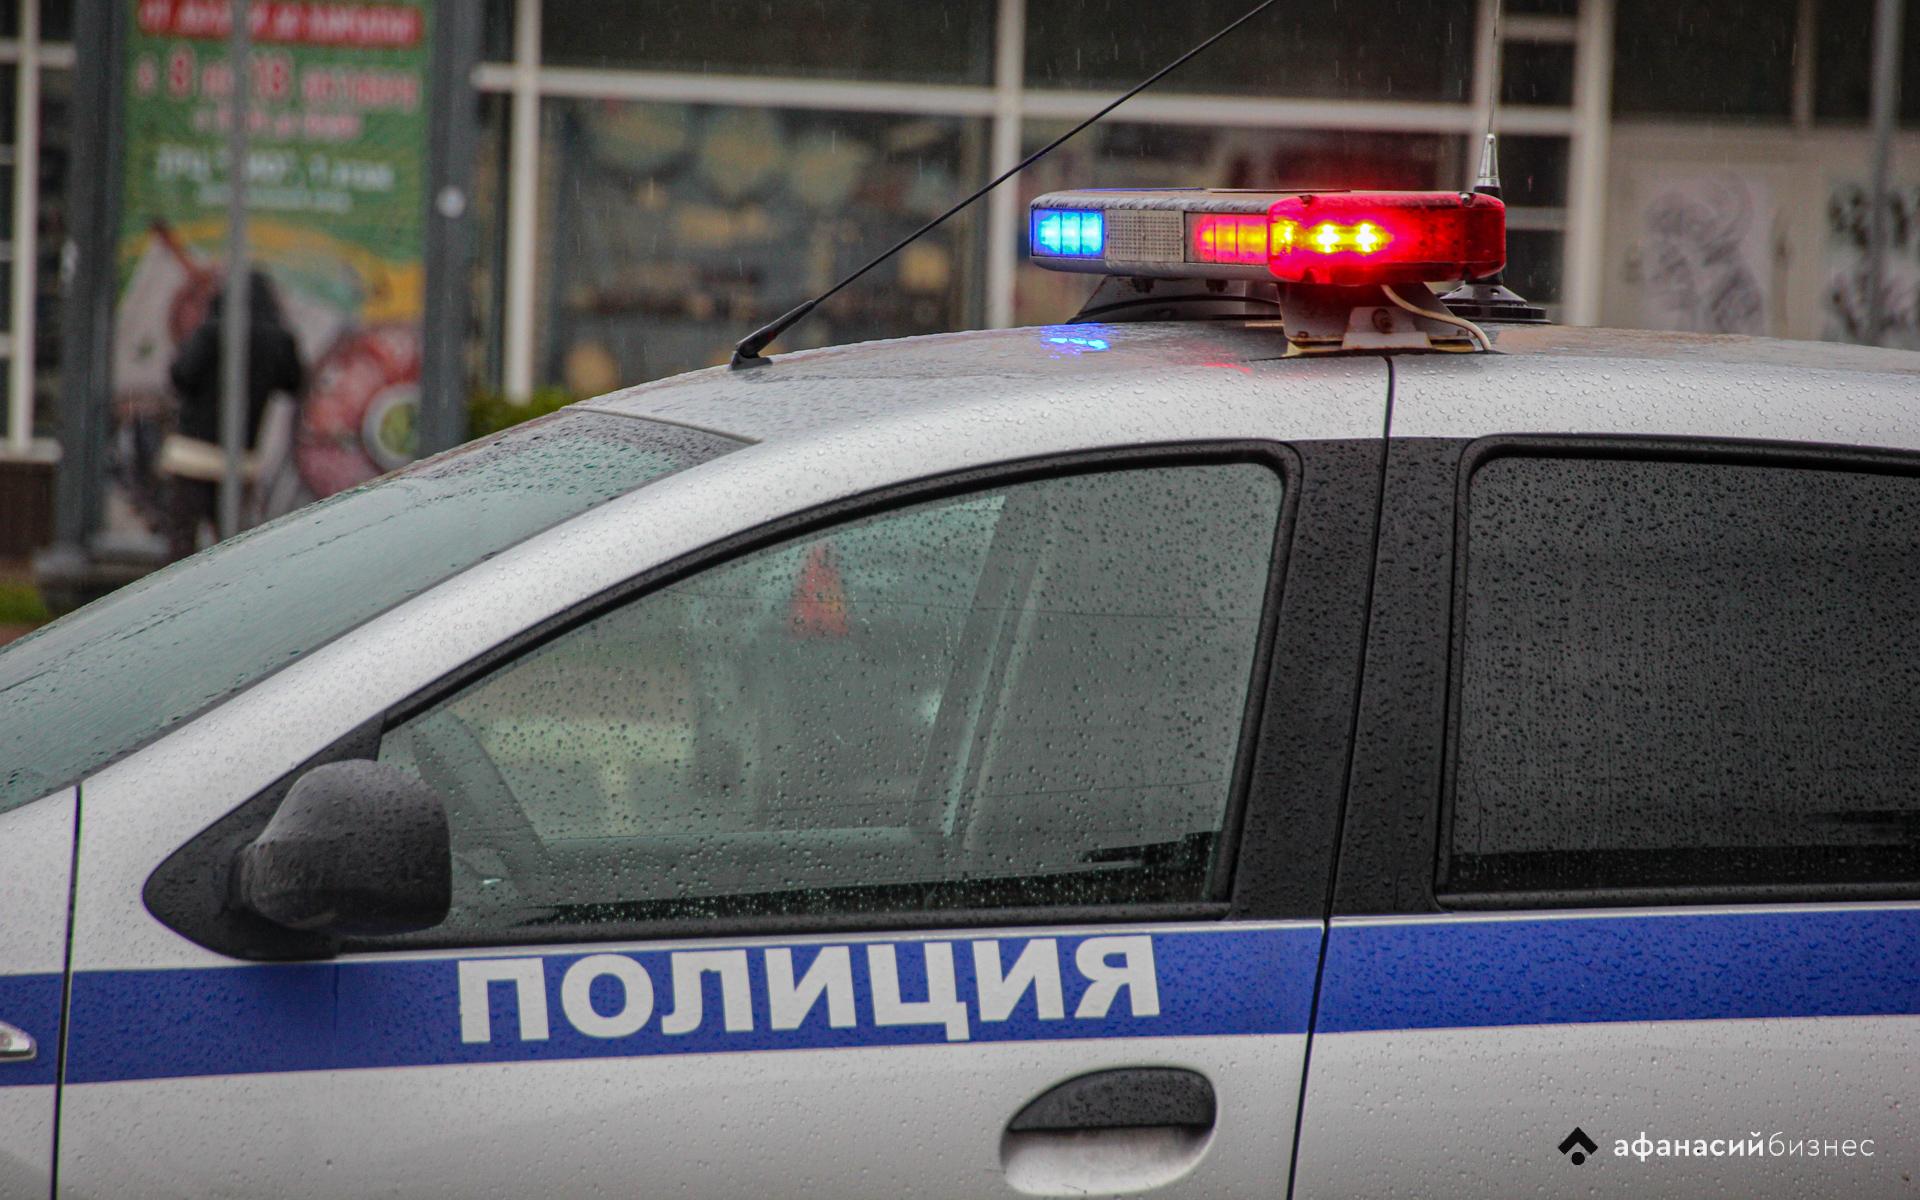 В Тверской области разыскивают водителя, сбившего двух пешеходов и уехавшего с места ДТП - новости Афанасий